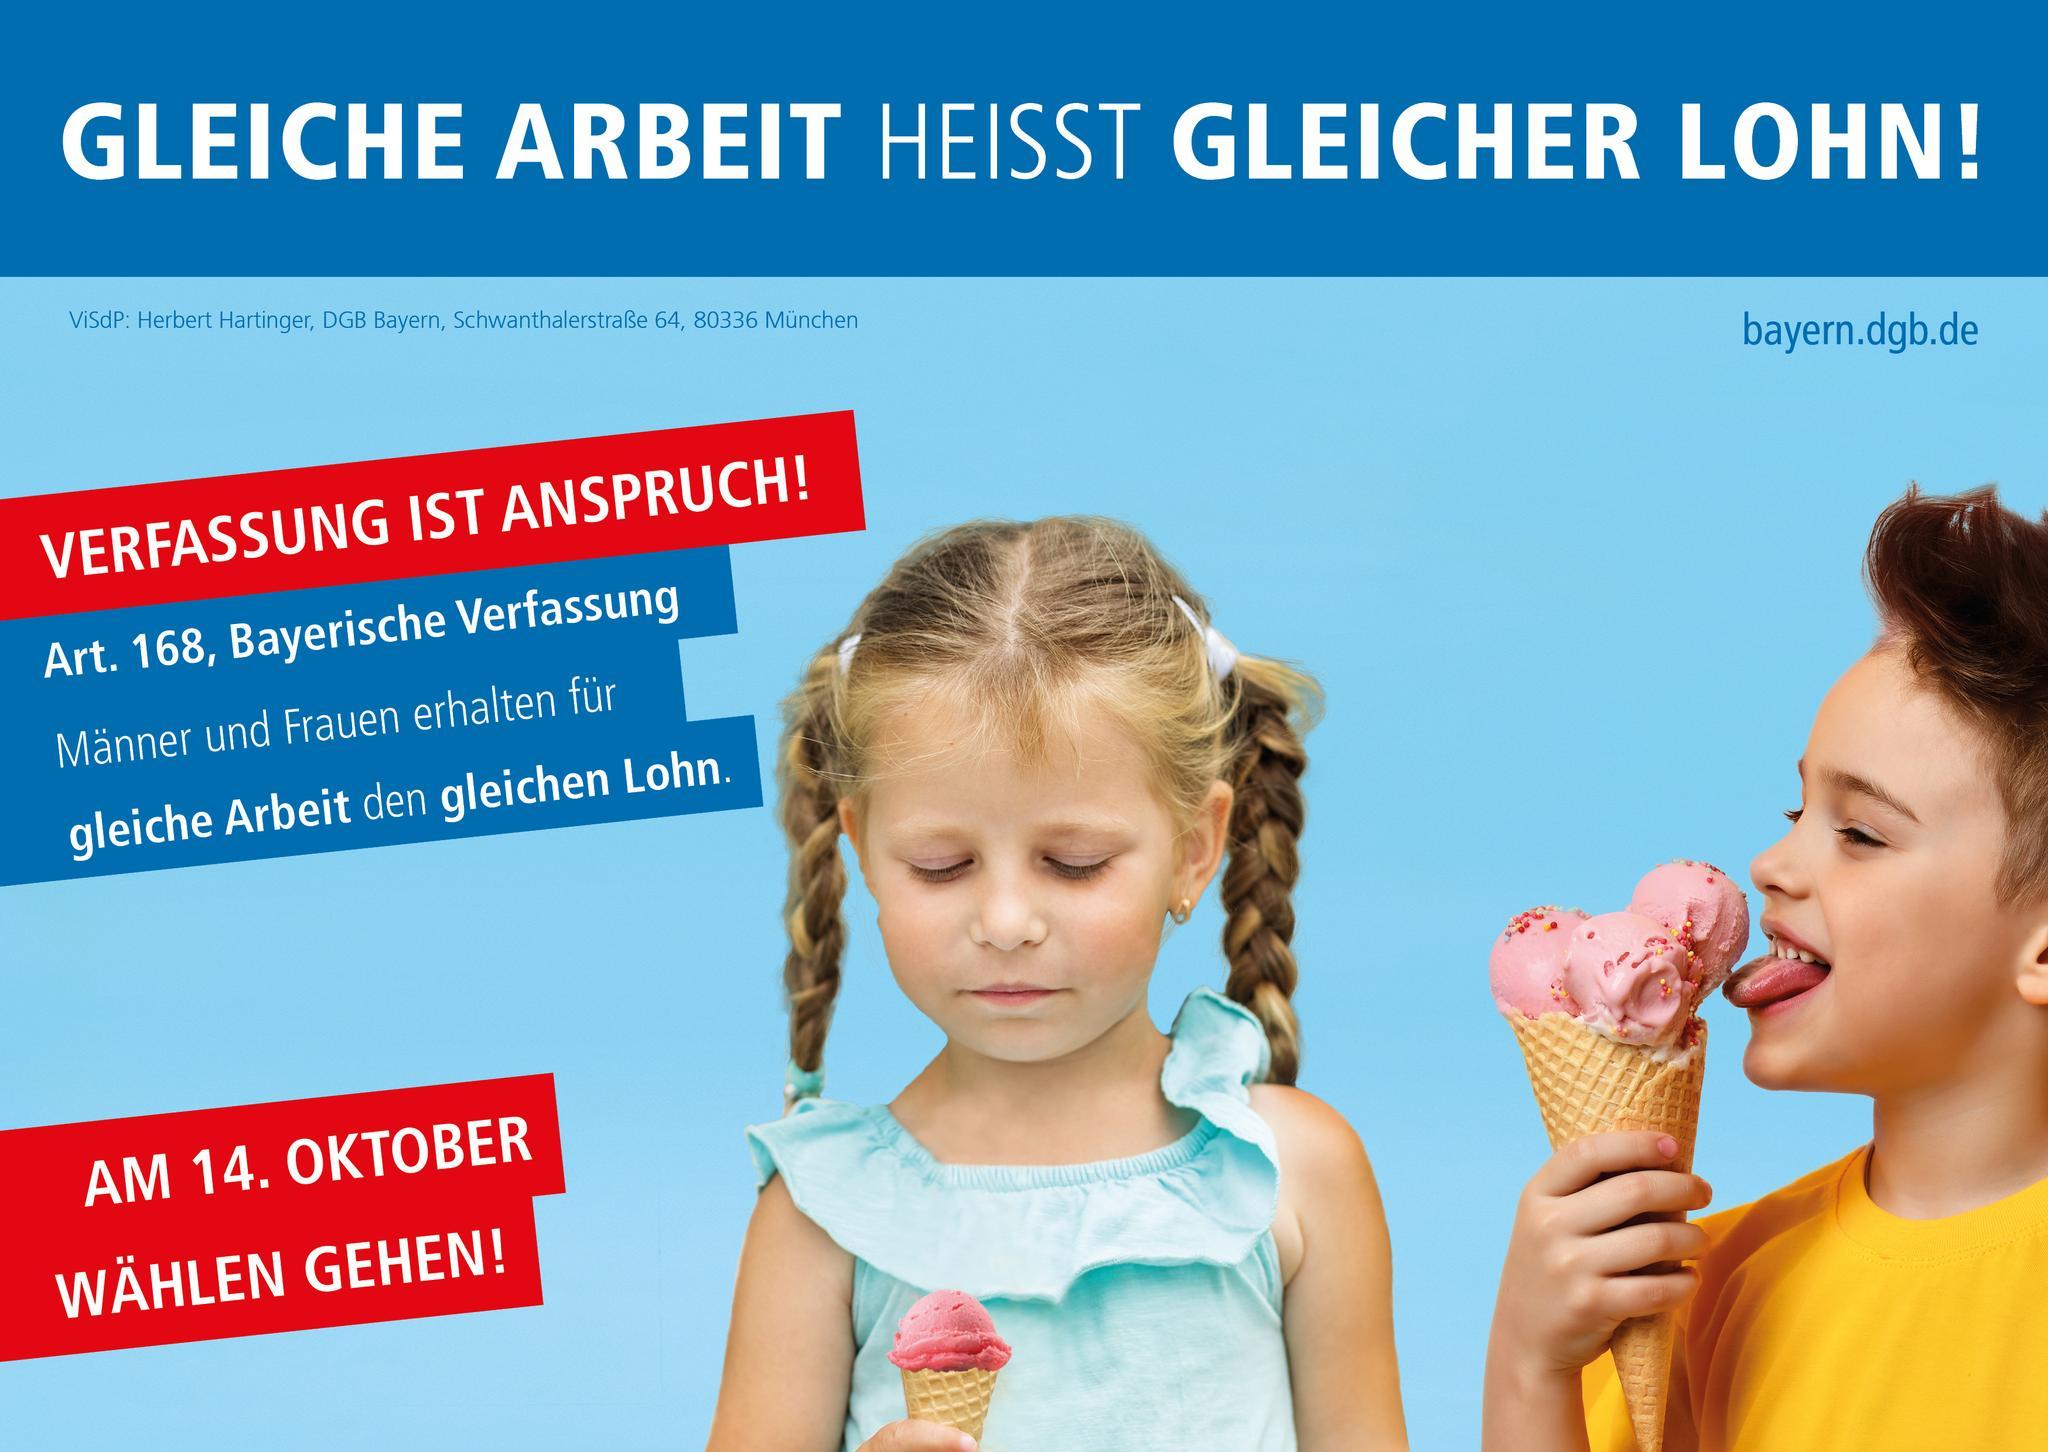 """""""Verfassung ist Anspruch!"""" – Gleiche Arbeit heißt gleicher Lohn!"""